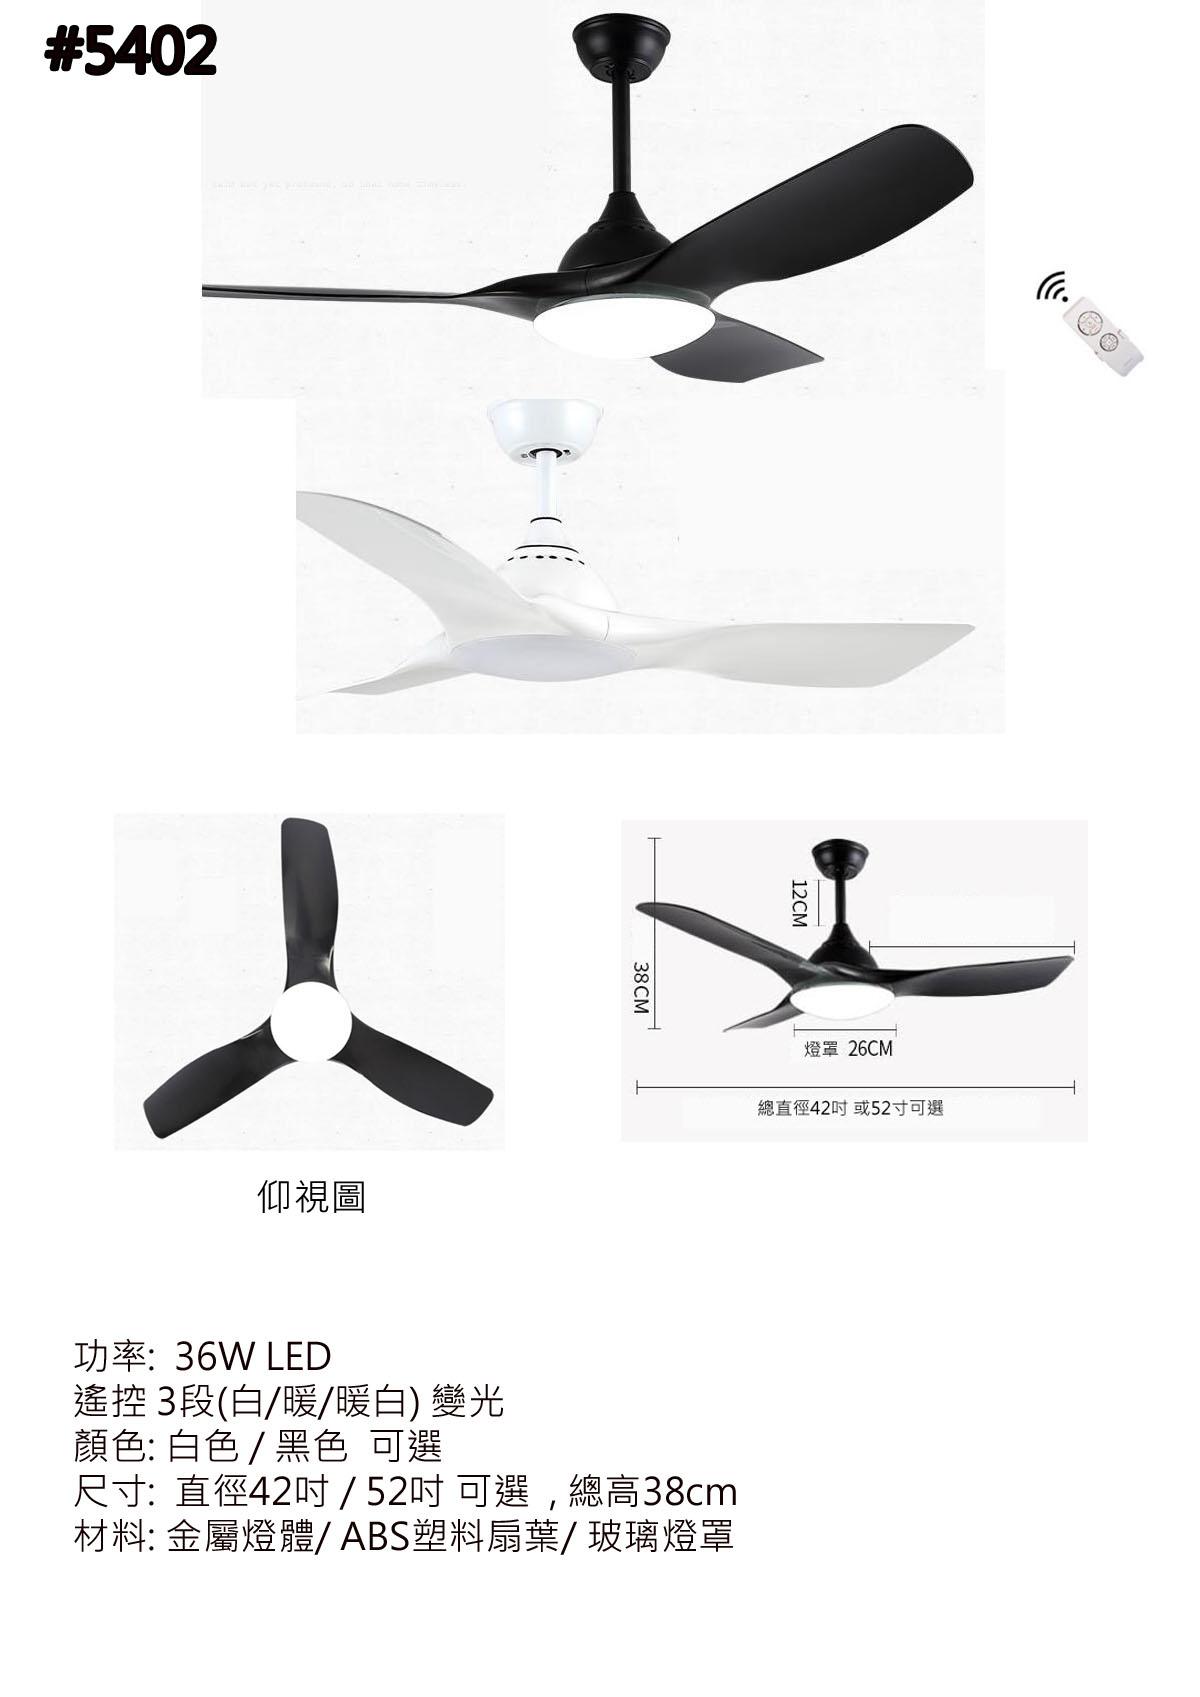 流線型風扇燈 現代風格黑色/白色LED 42吋/52吋 可選吊扇